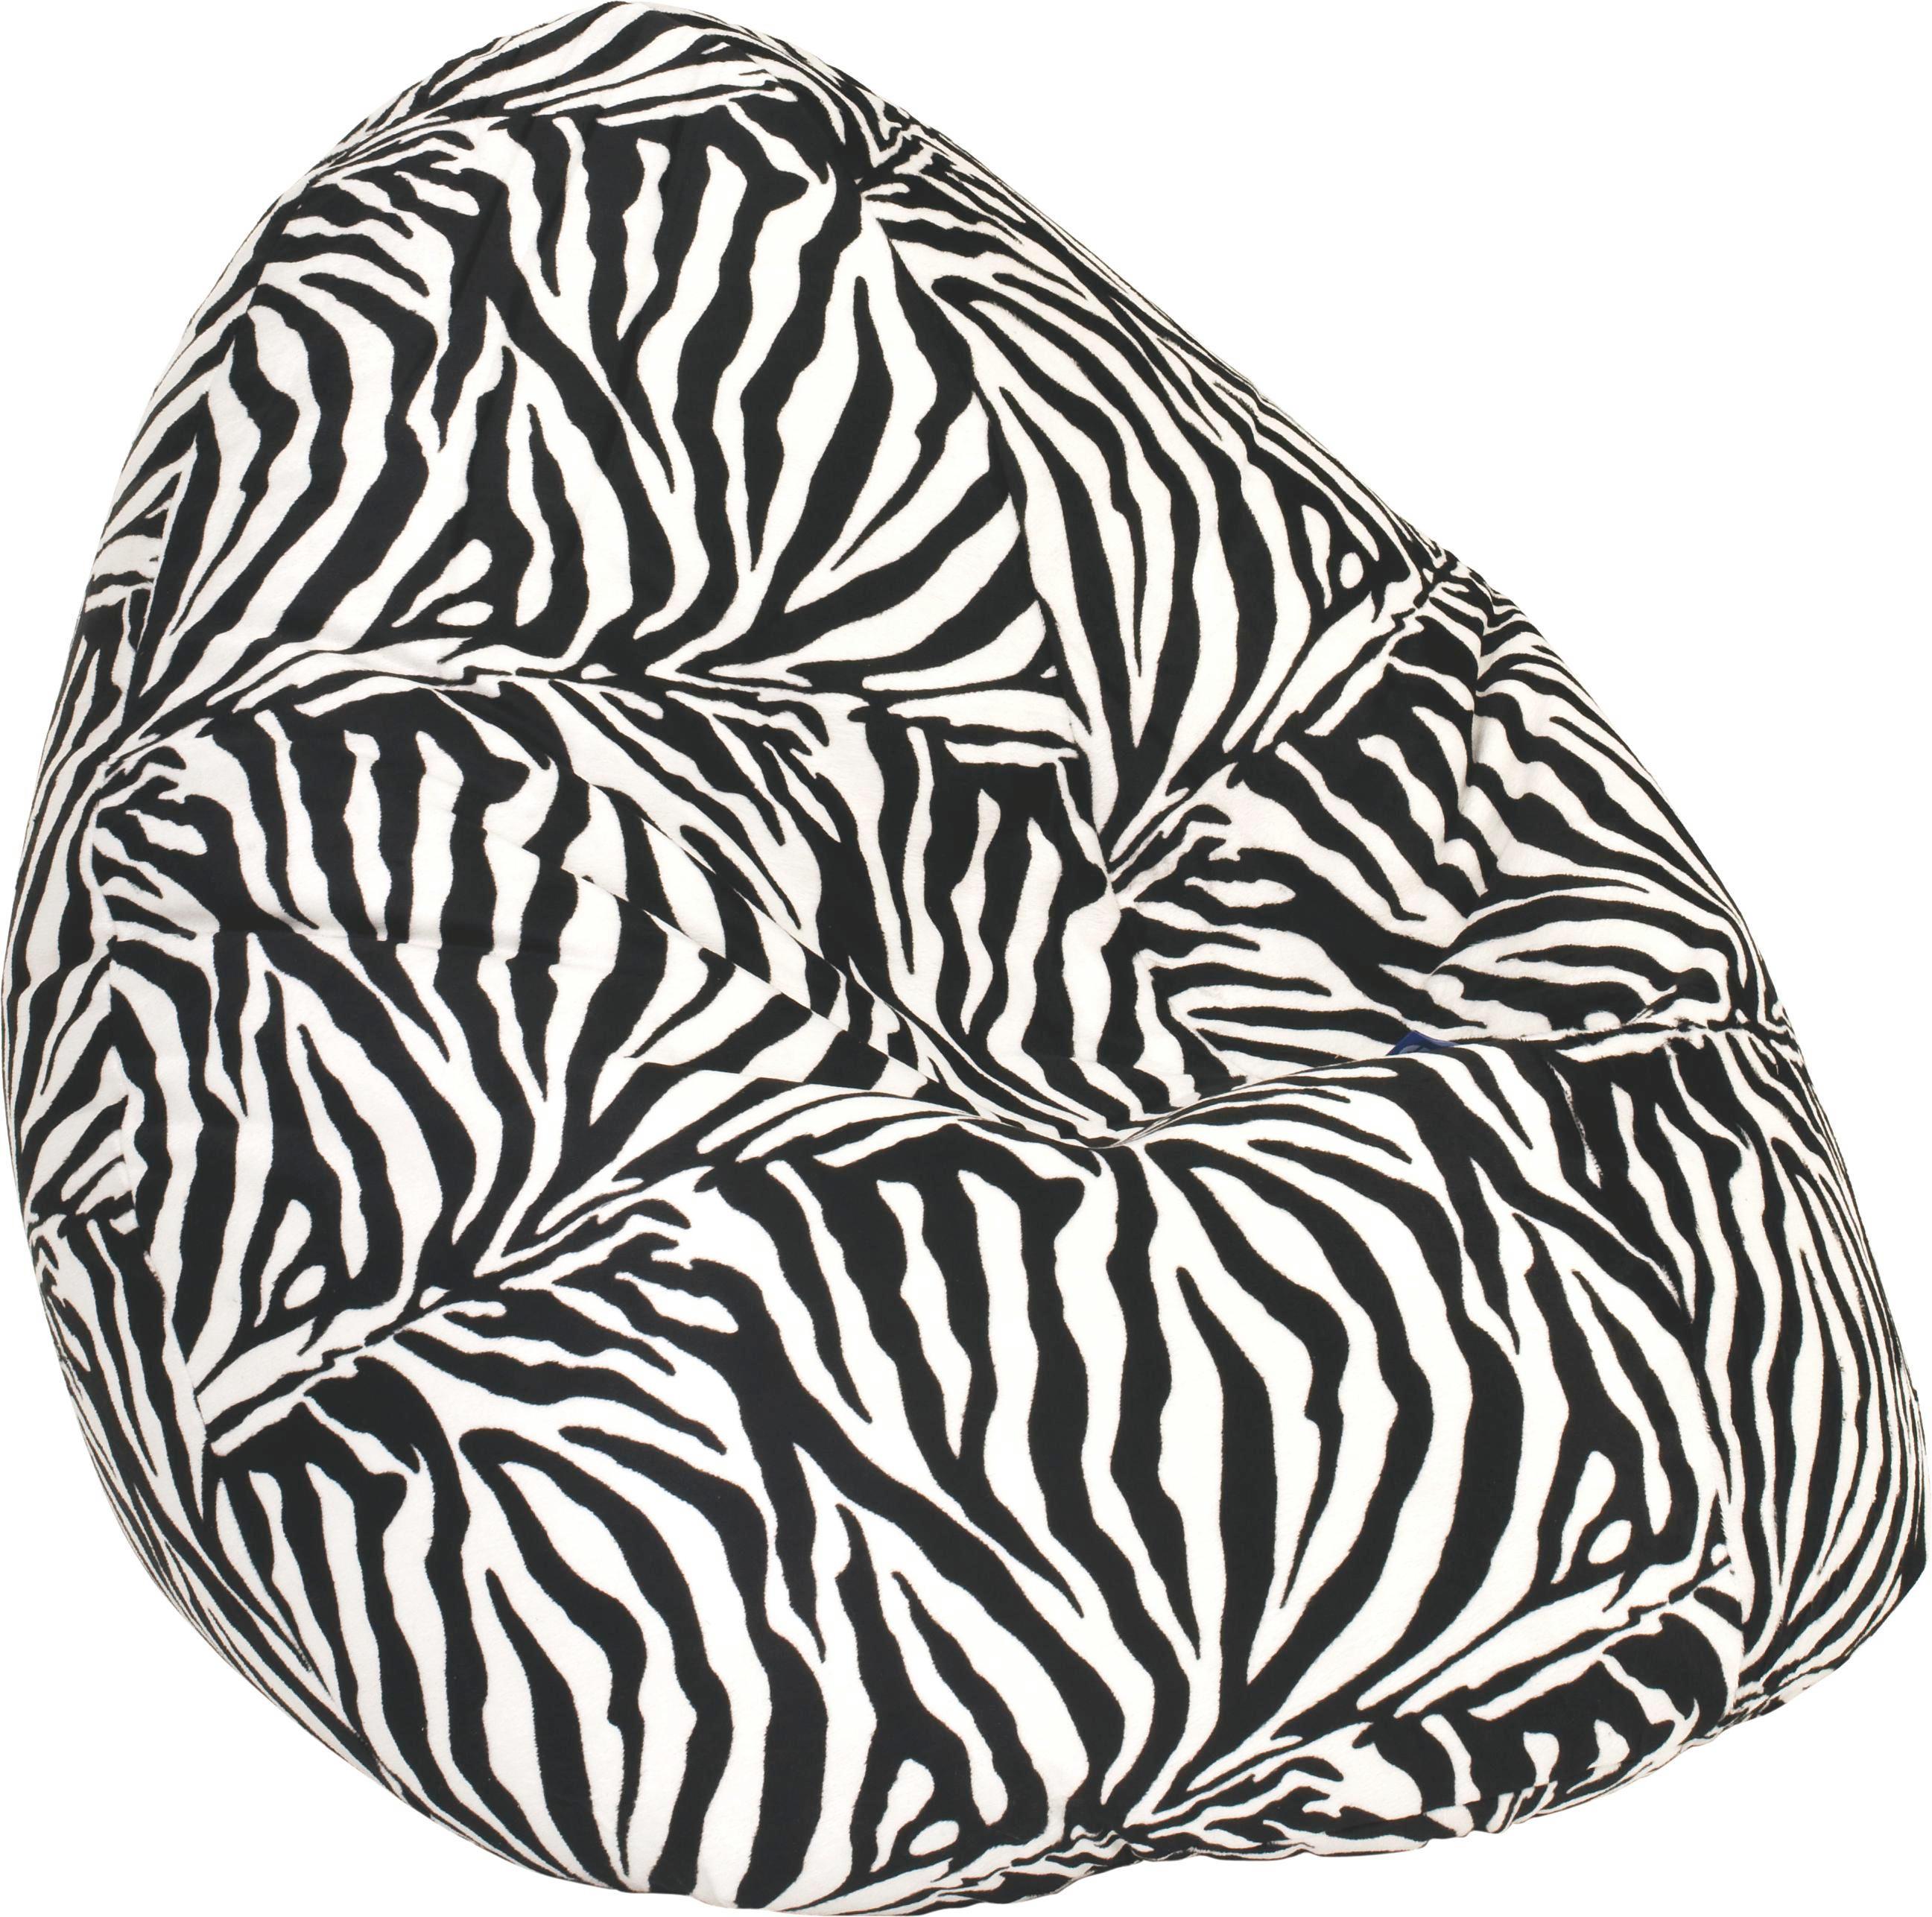 SITZSACK in Schwarz, Weiß Textil - Schwarz/Weiß, MODERN, Textil (80/130cm) - CARRYHOME